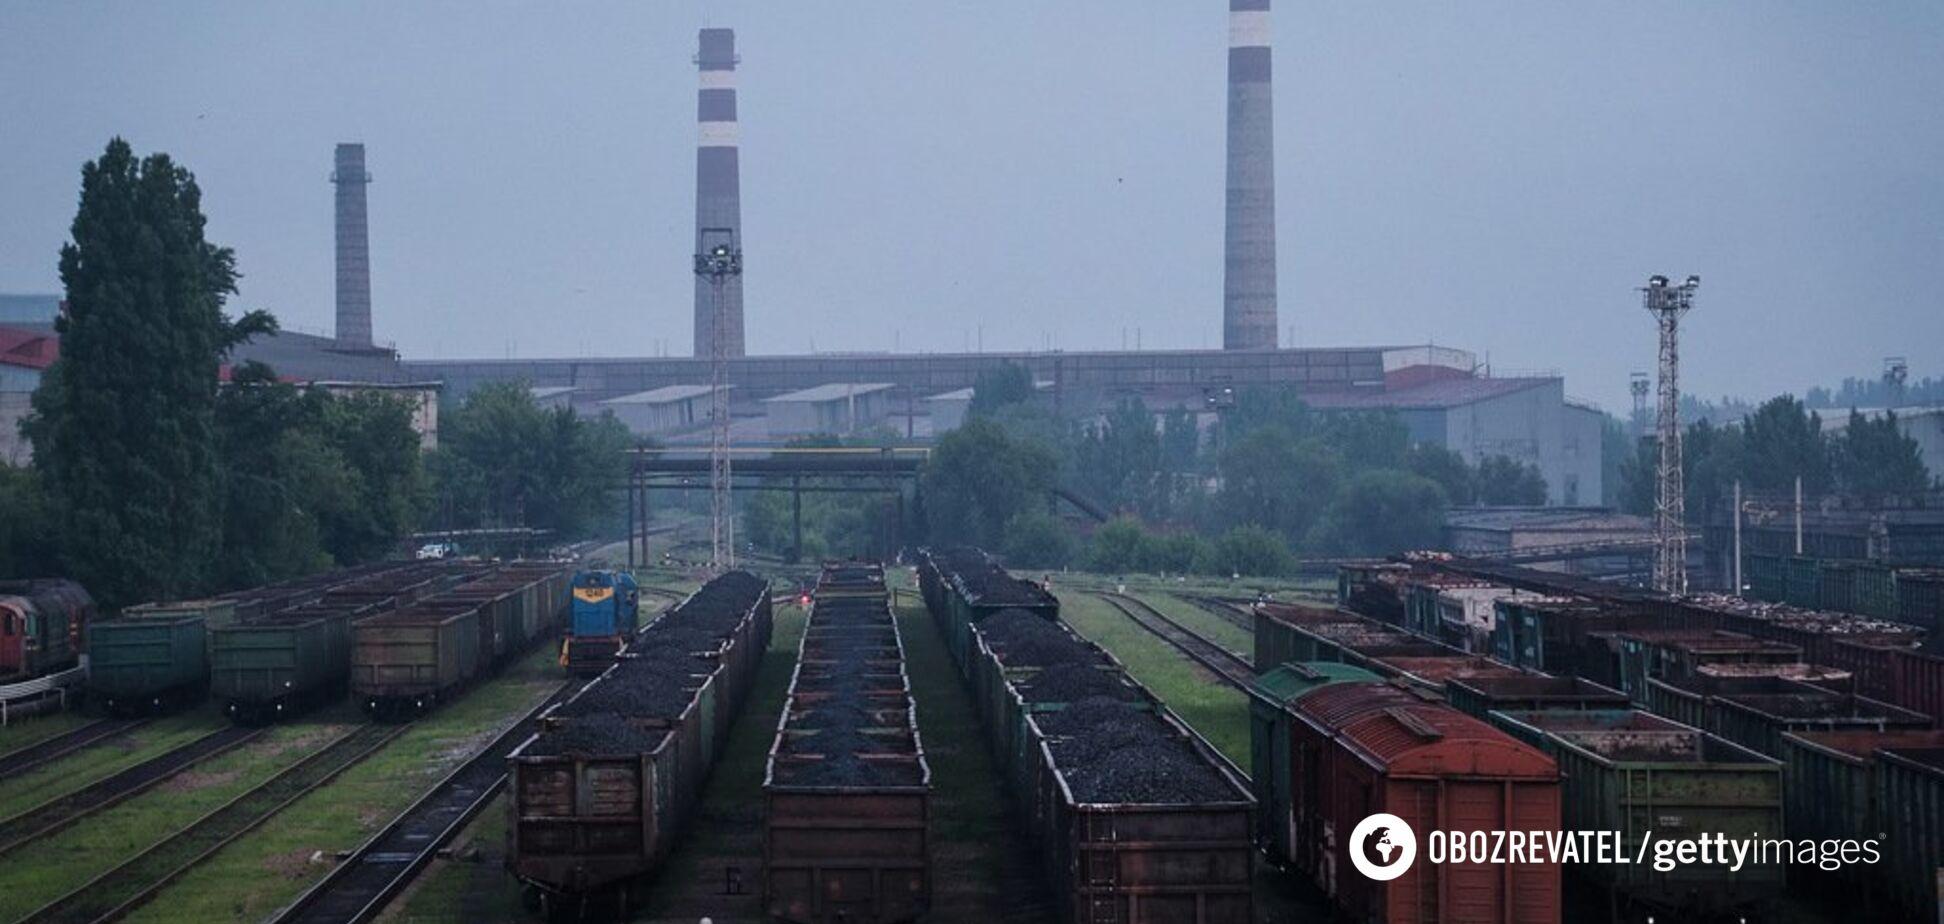 Скасування 'Роттердам+' – одна з причин страйку шахтарів, – Федерація роботодавців